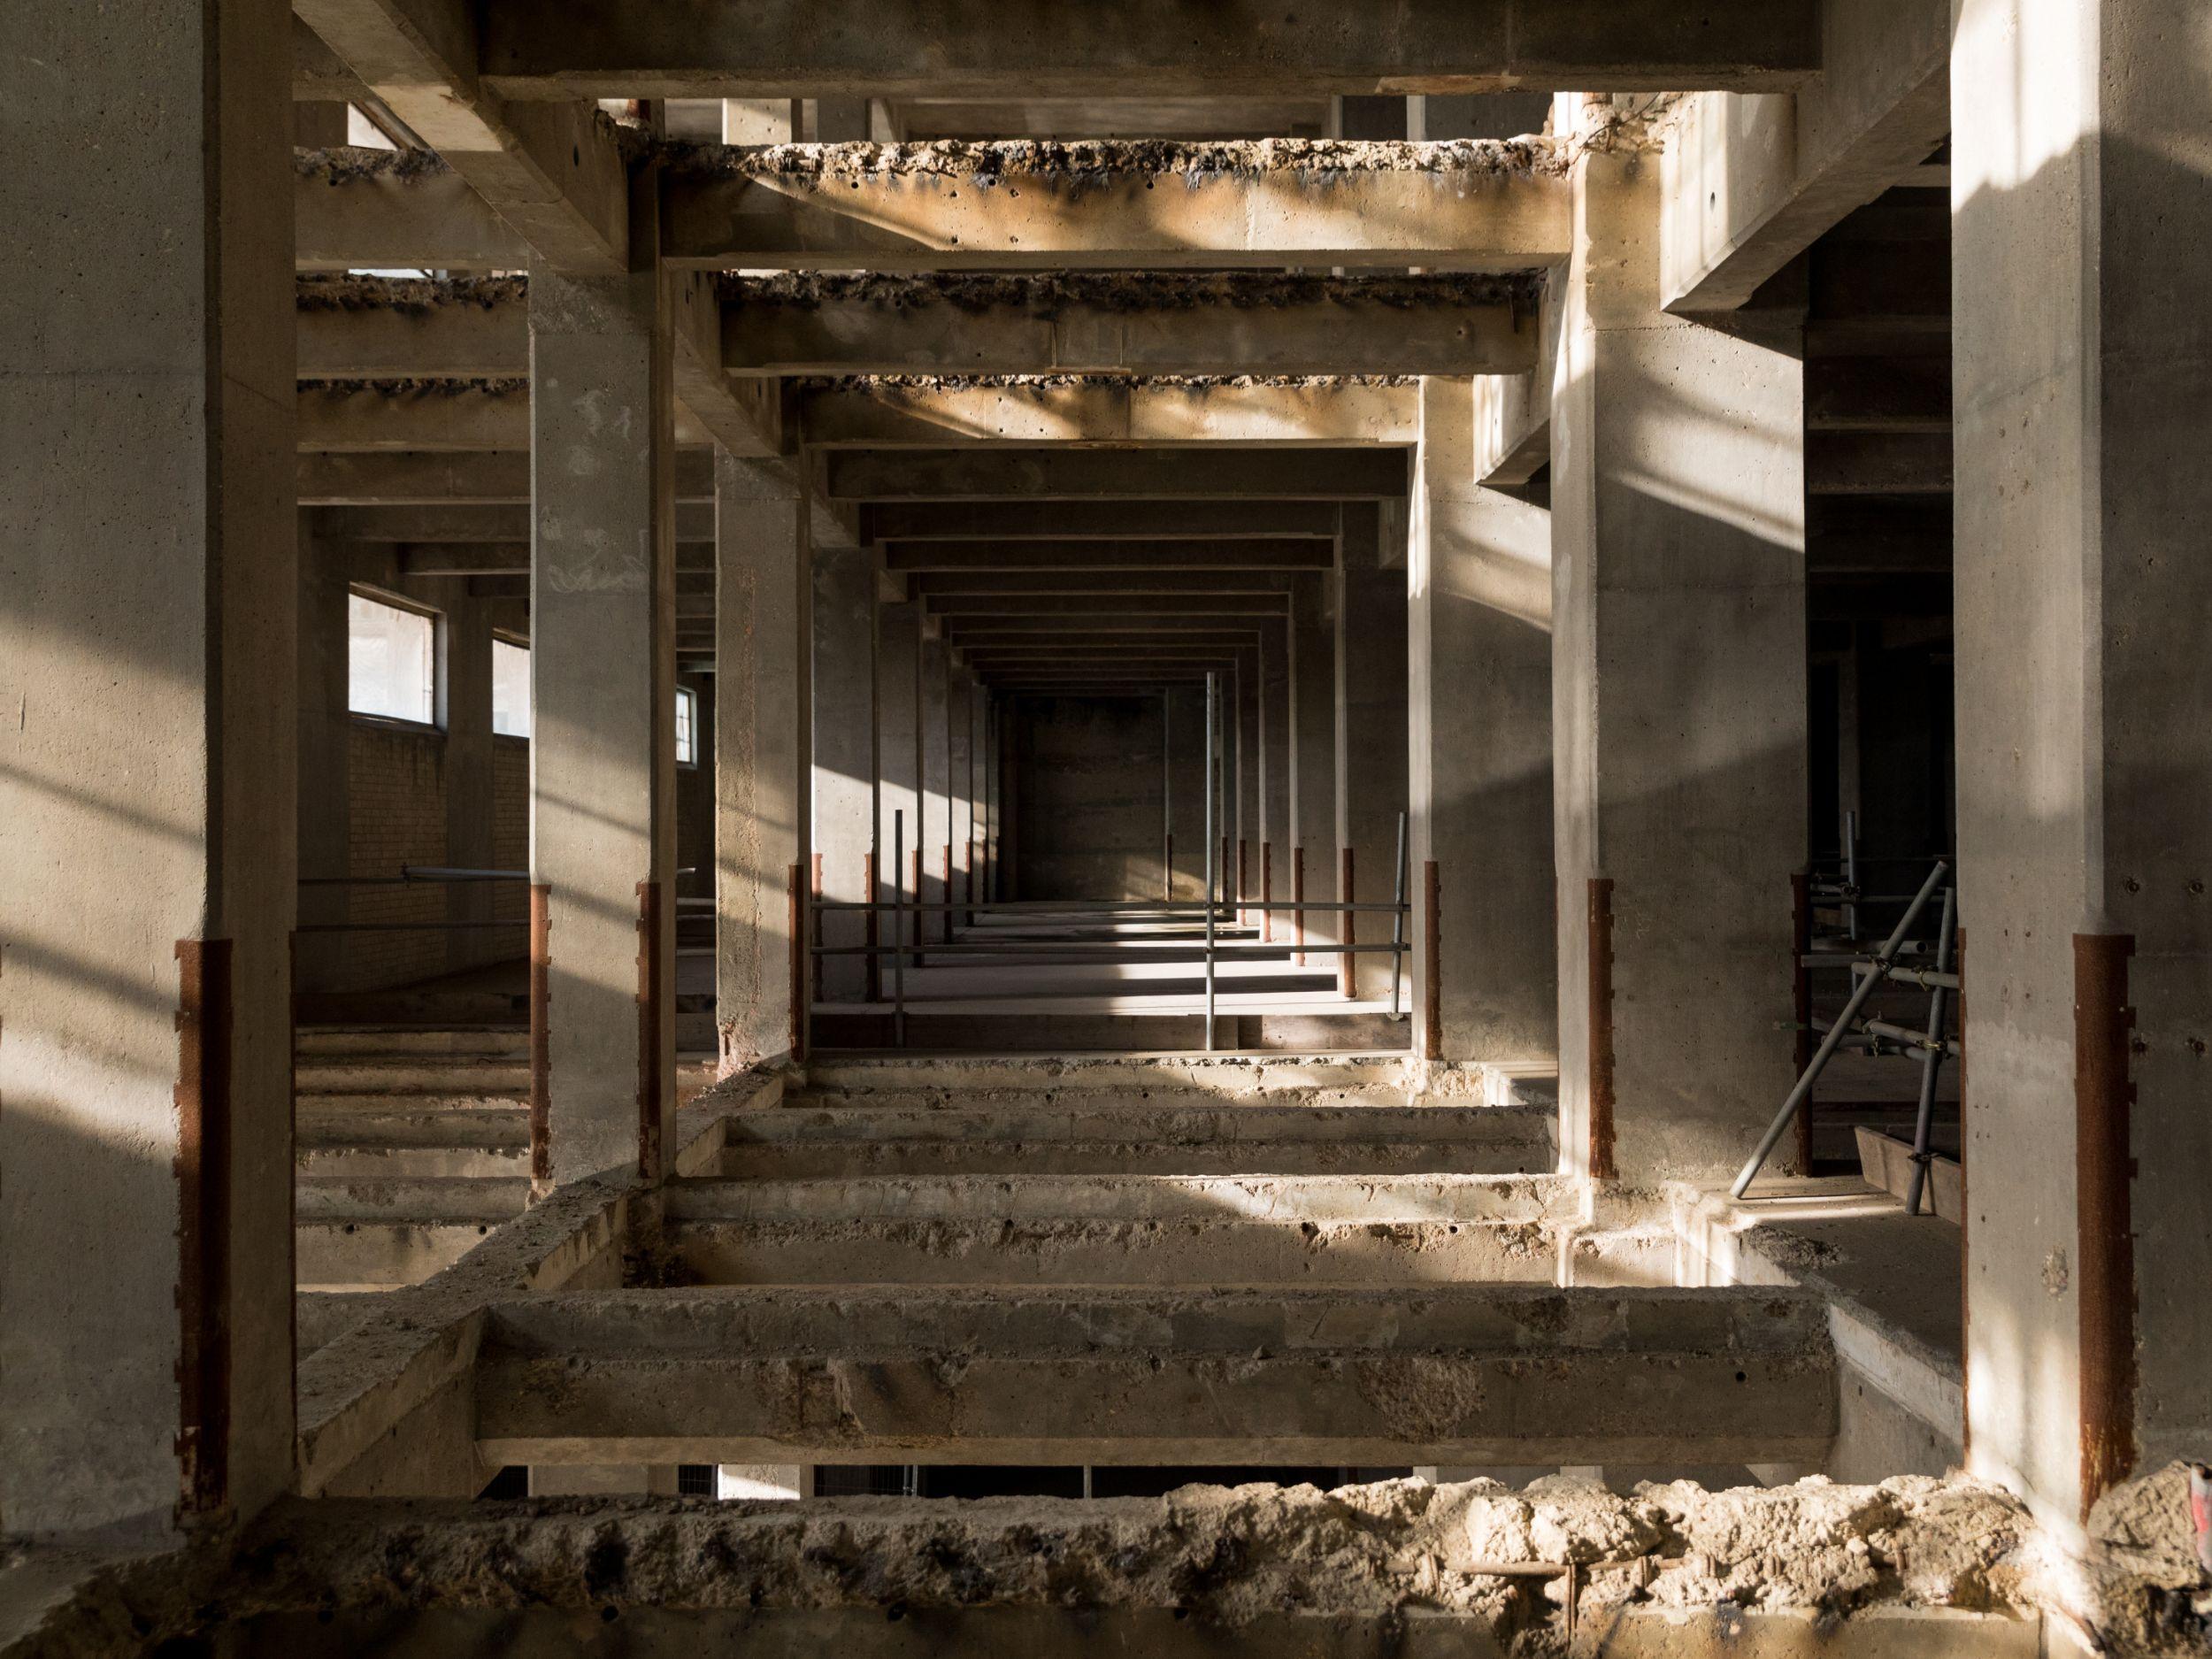 Interior photo of Millennium Mills